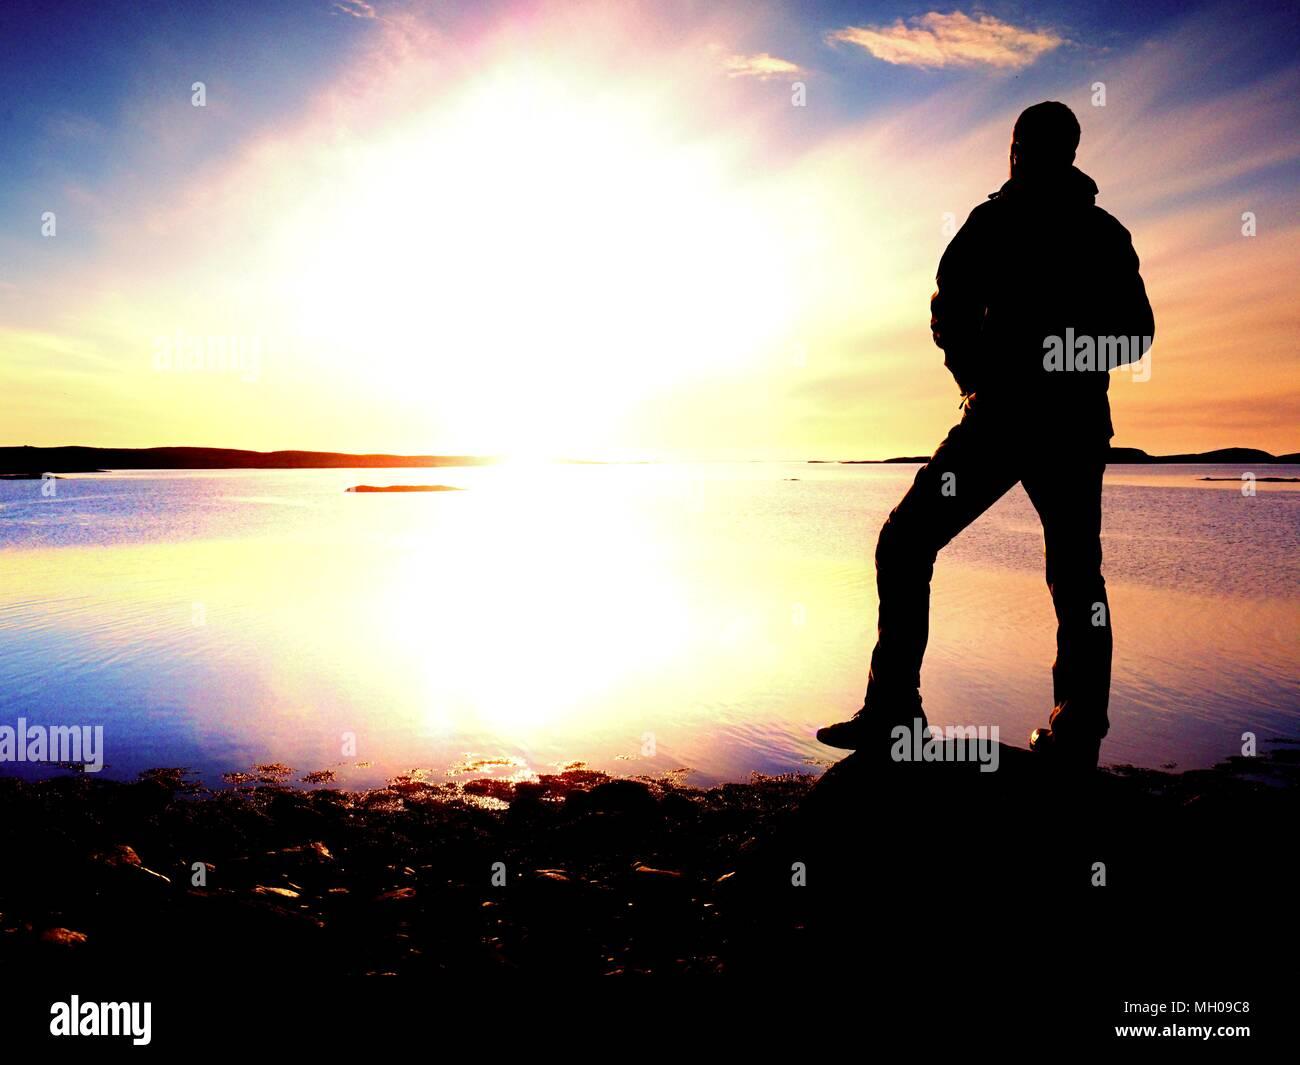 Silhouette der Mann in Outdoor Kleidung auf felsigen Klippen über dem Meer. Hikerthinking bei Sonnenuntergang im Hintergrund. Weg Reisen Konzept. Stockbild